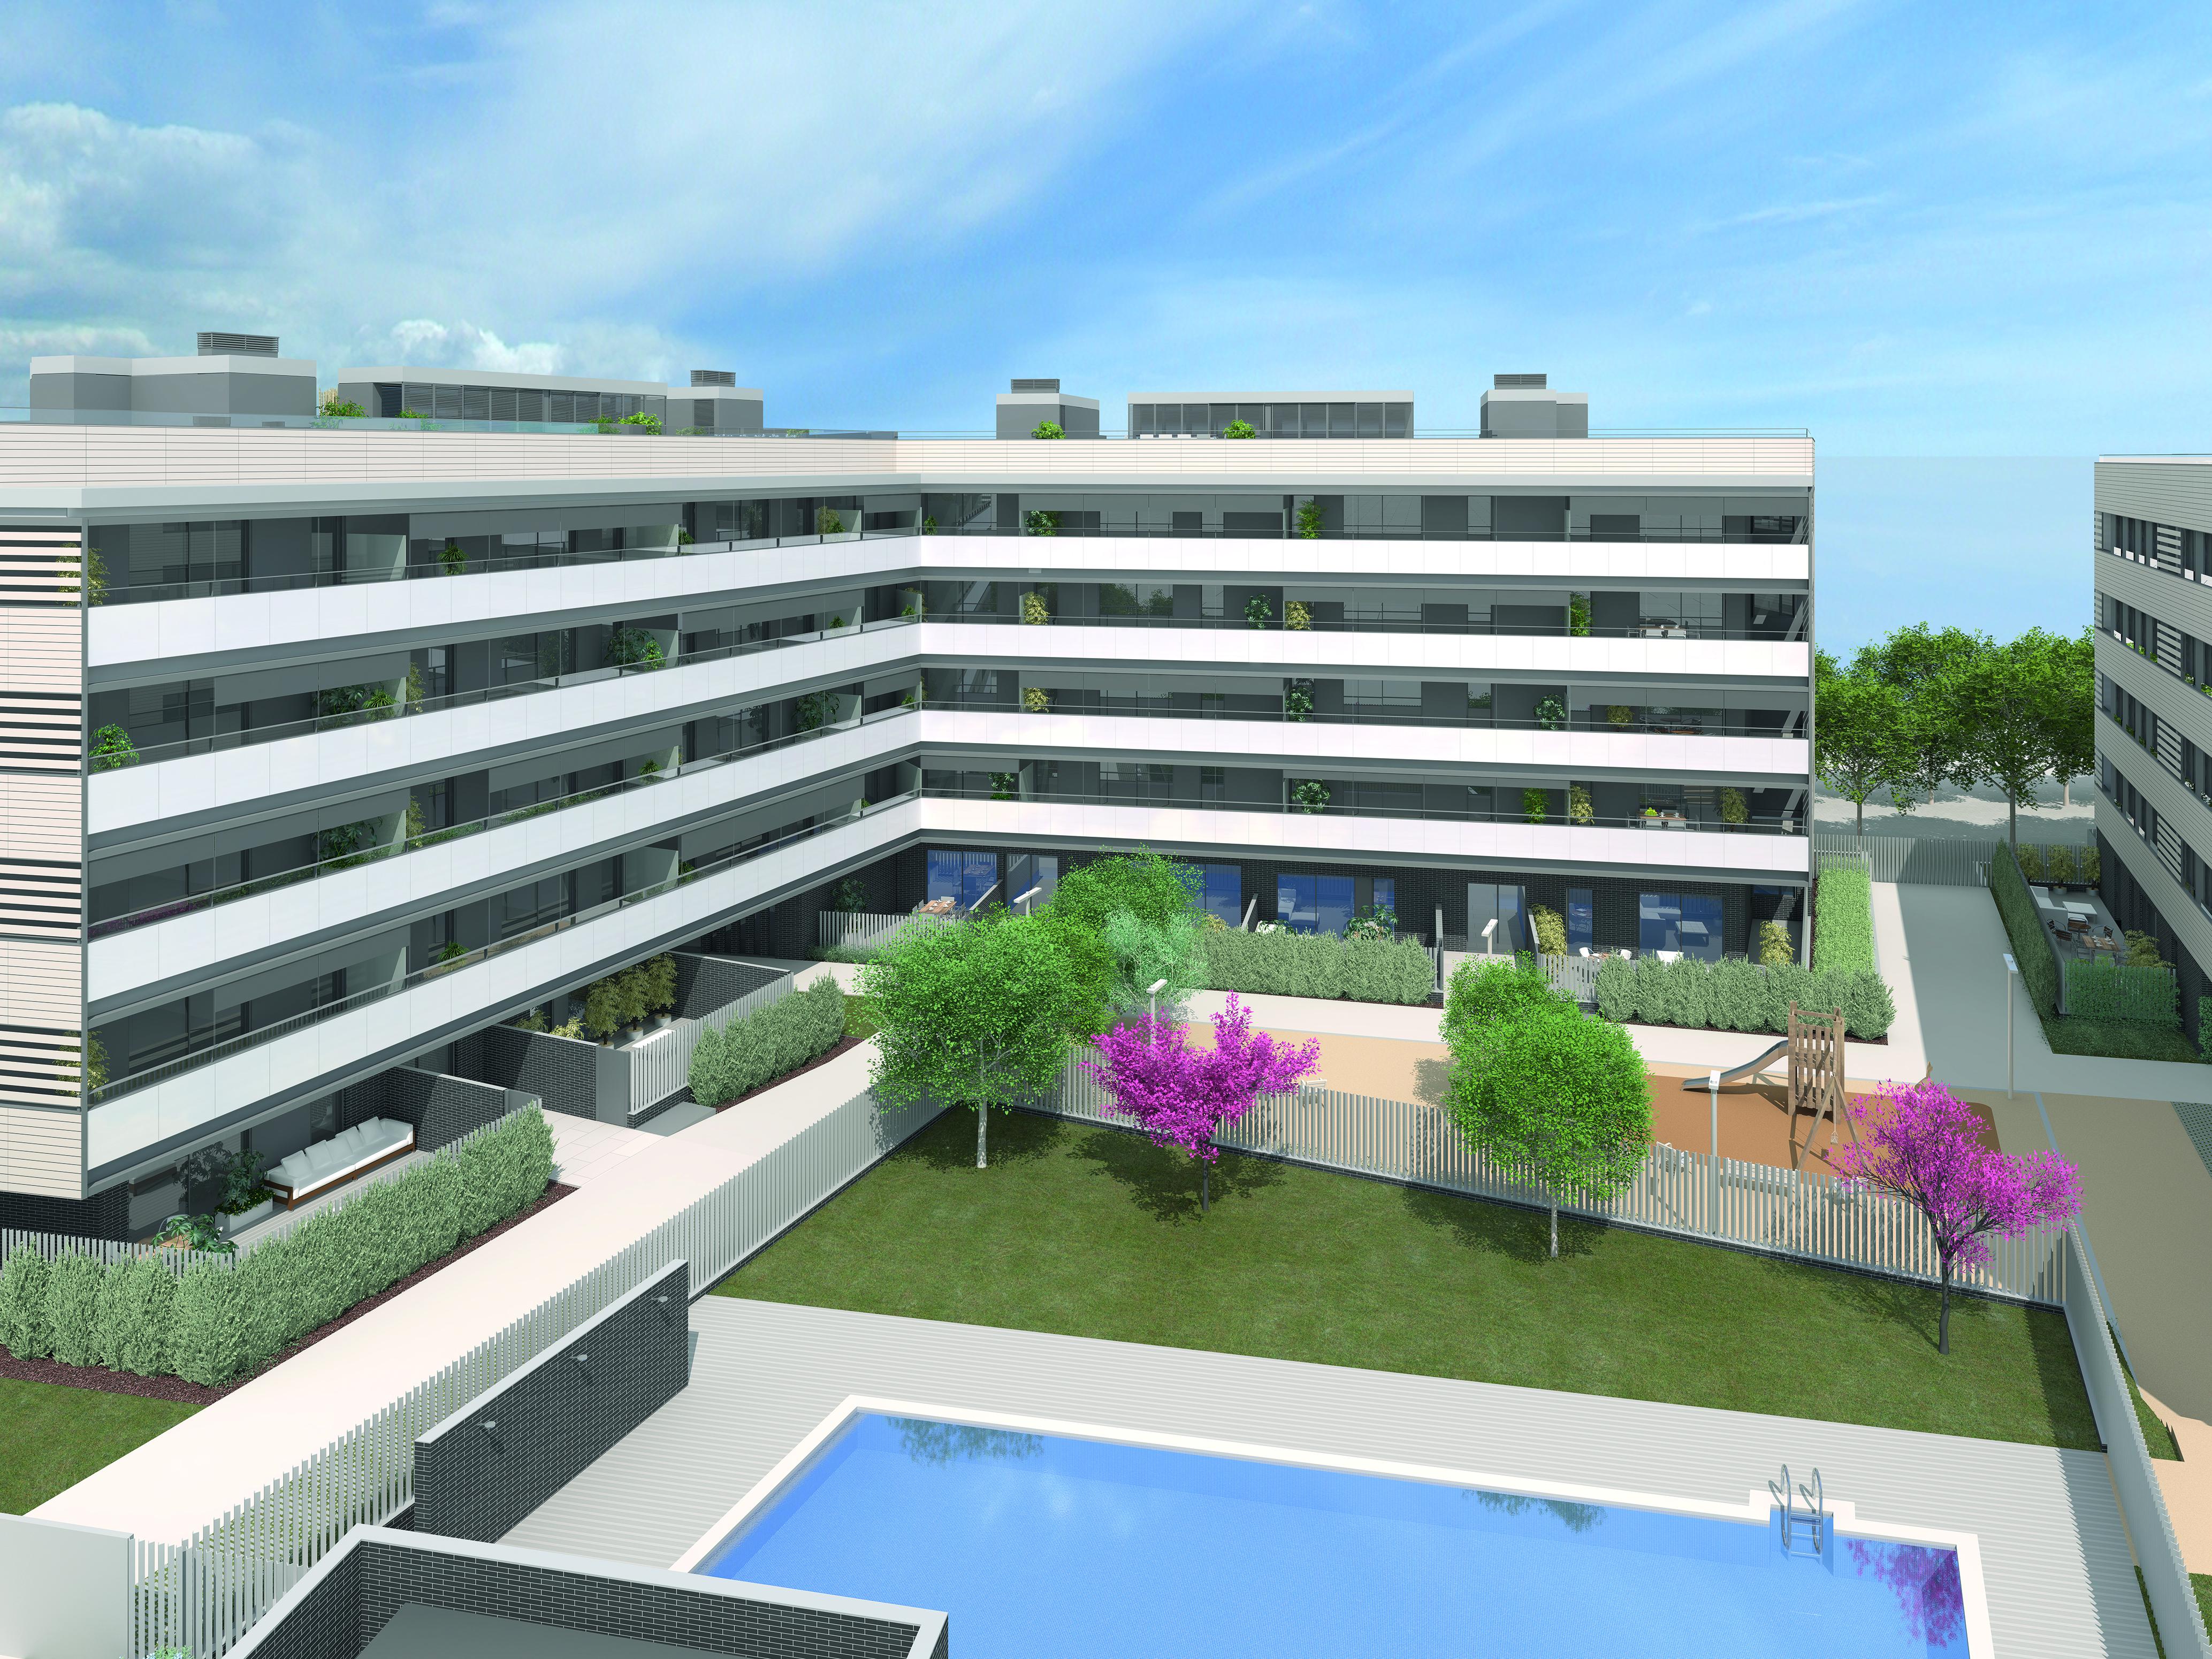 Piso en venta en Can Vasconcel, Sant Cugat del Vallès, Barcelona, Calle Josep de Peray, 520.000 €, 4 habitaciones, 1 baño, 137 m2